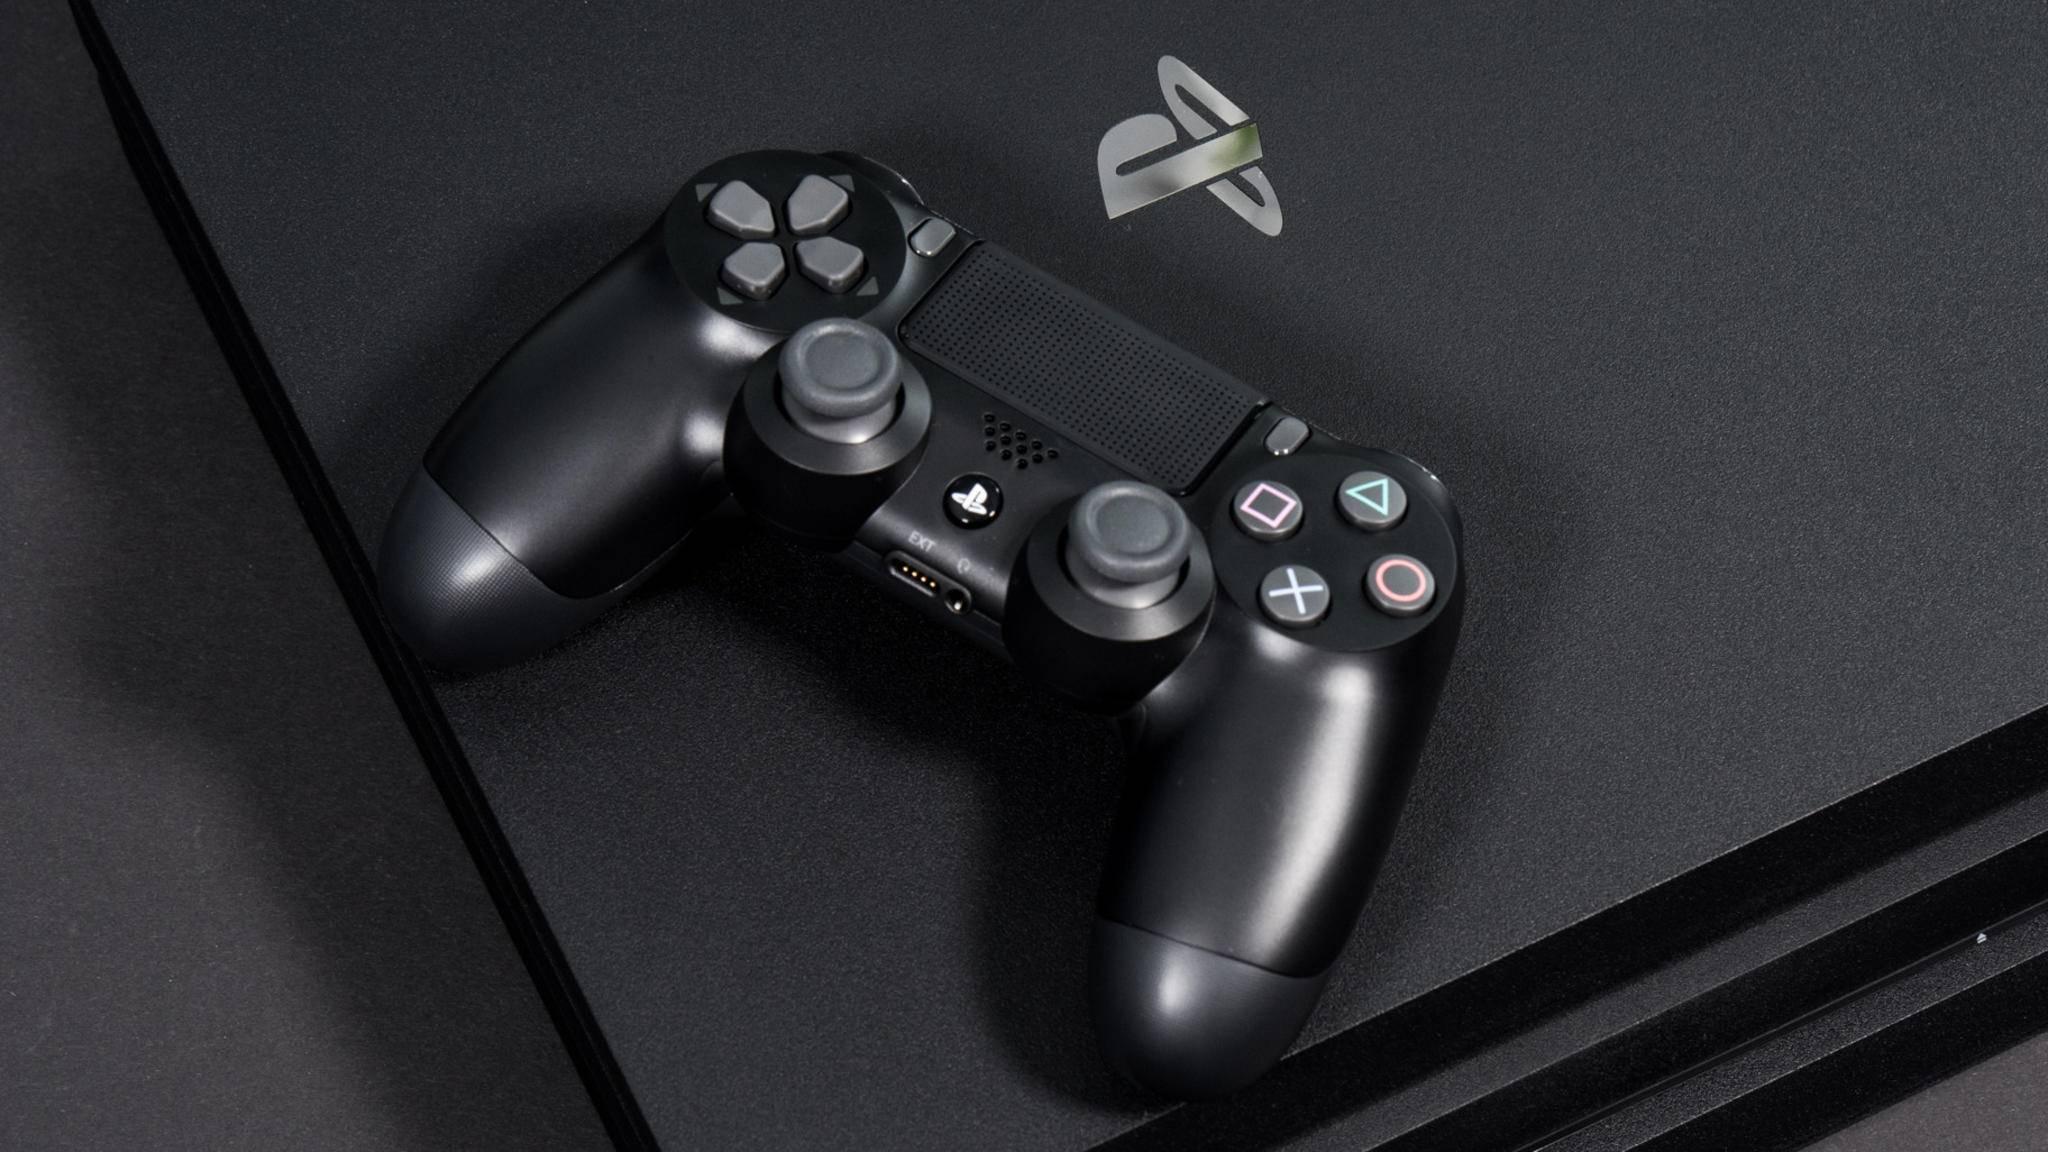 Wenn die Festplatte der PS4 voll ist, wird's Zeit für den großen Plattenputz – oder ein Upgrade.